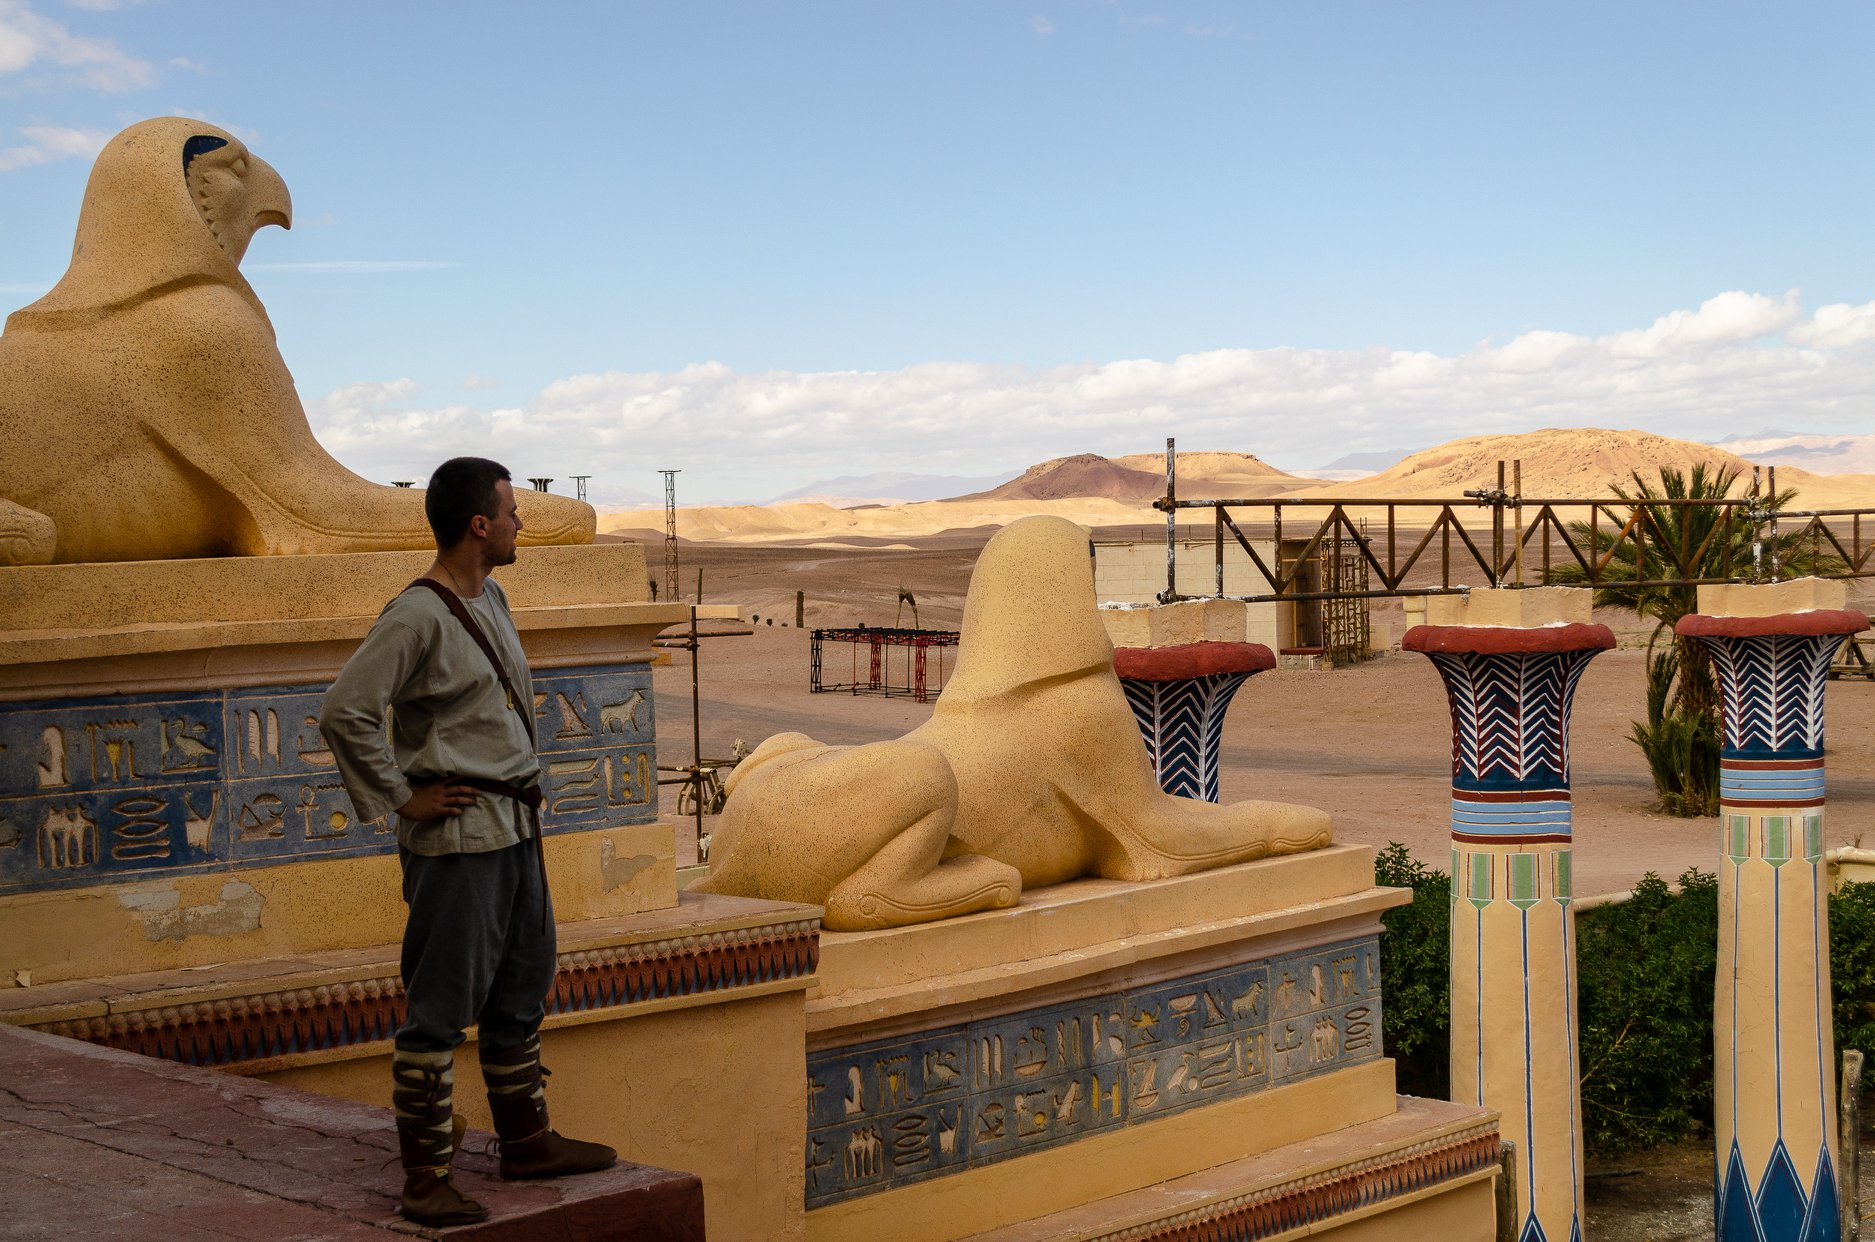 ZBiRy mącą i szabrują w Maroku